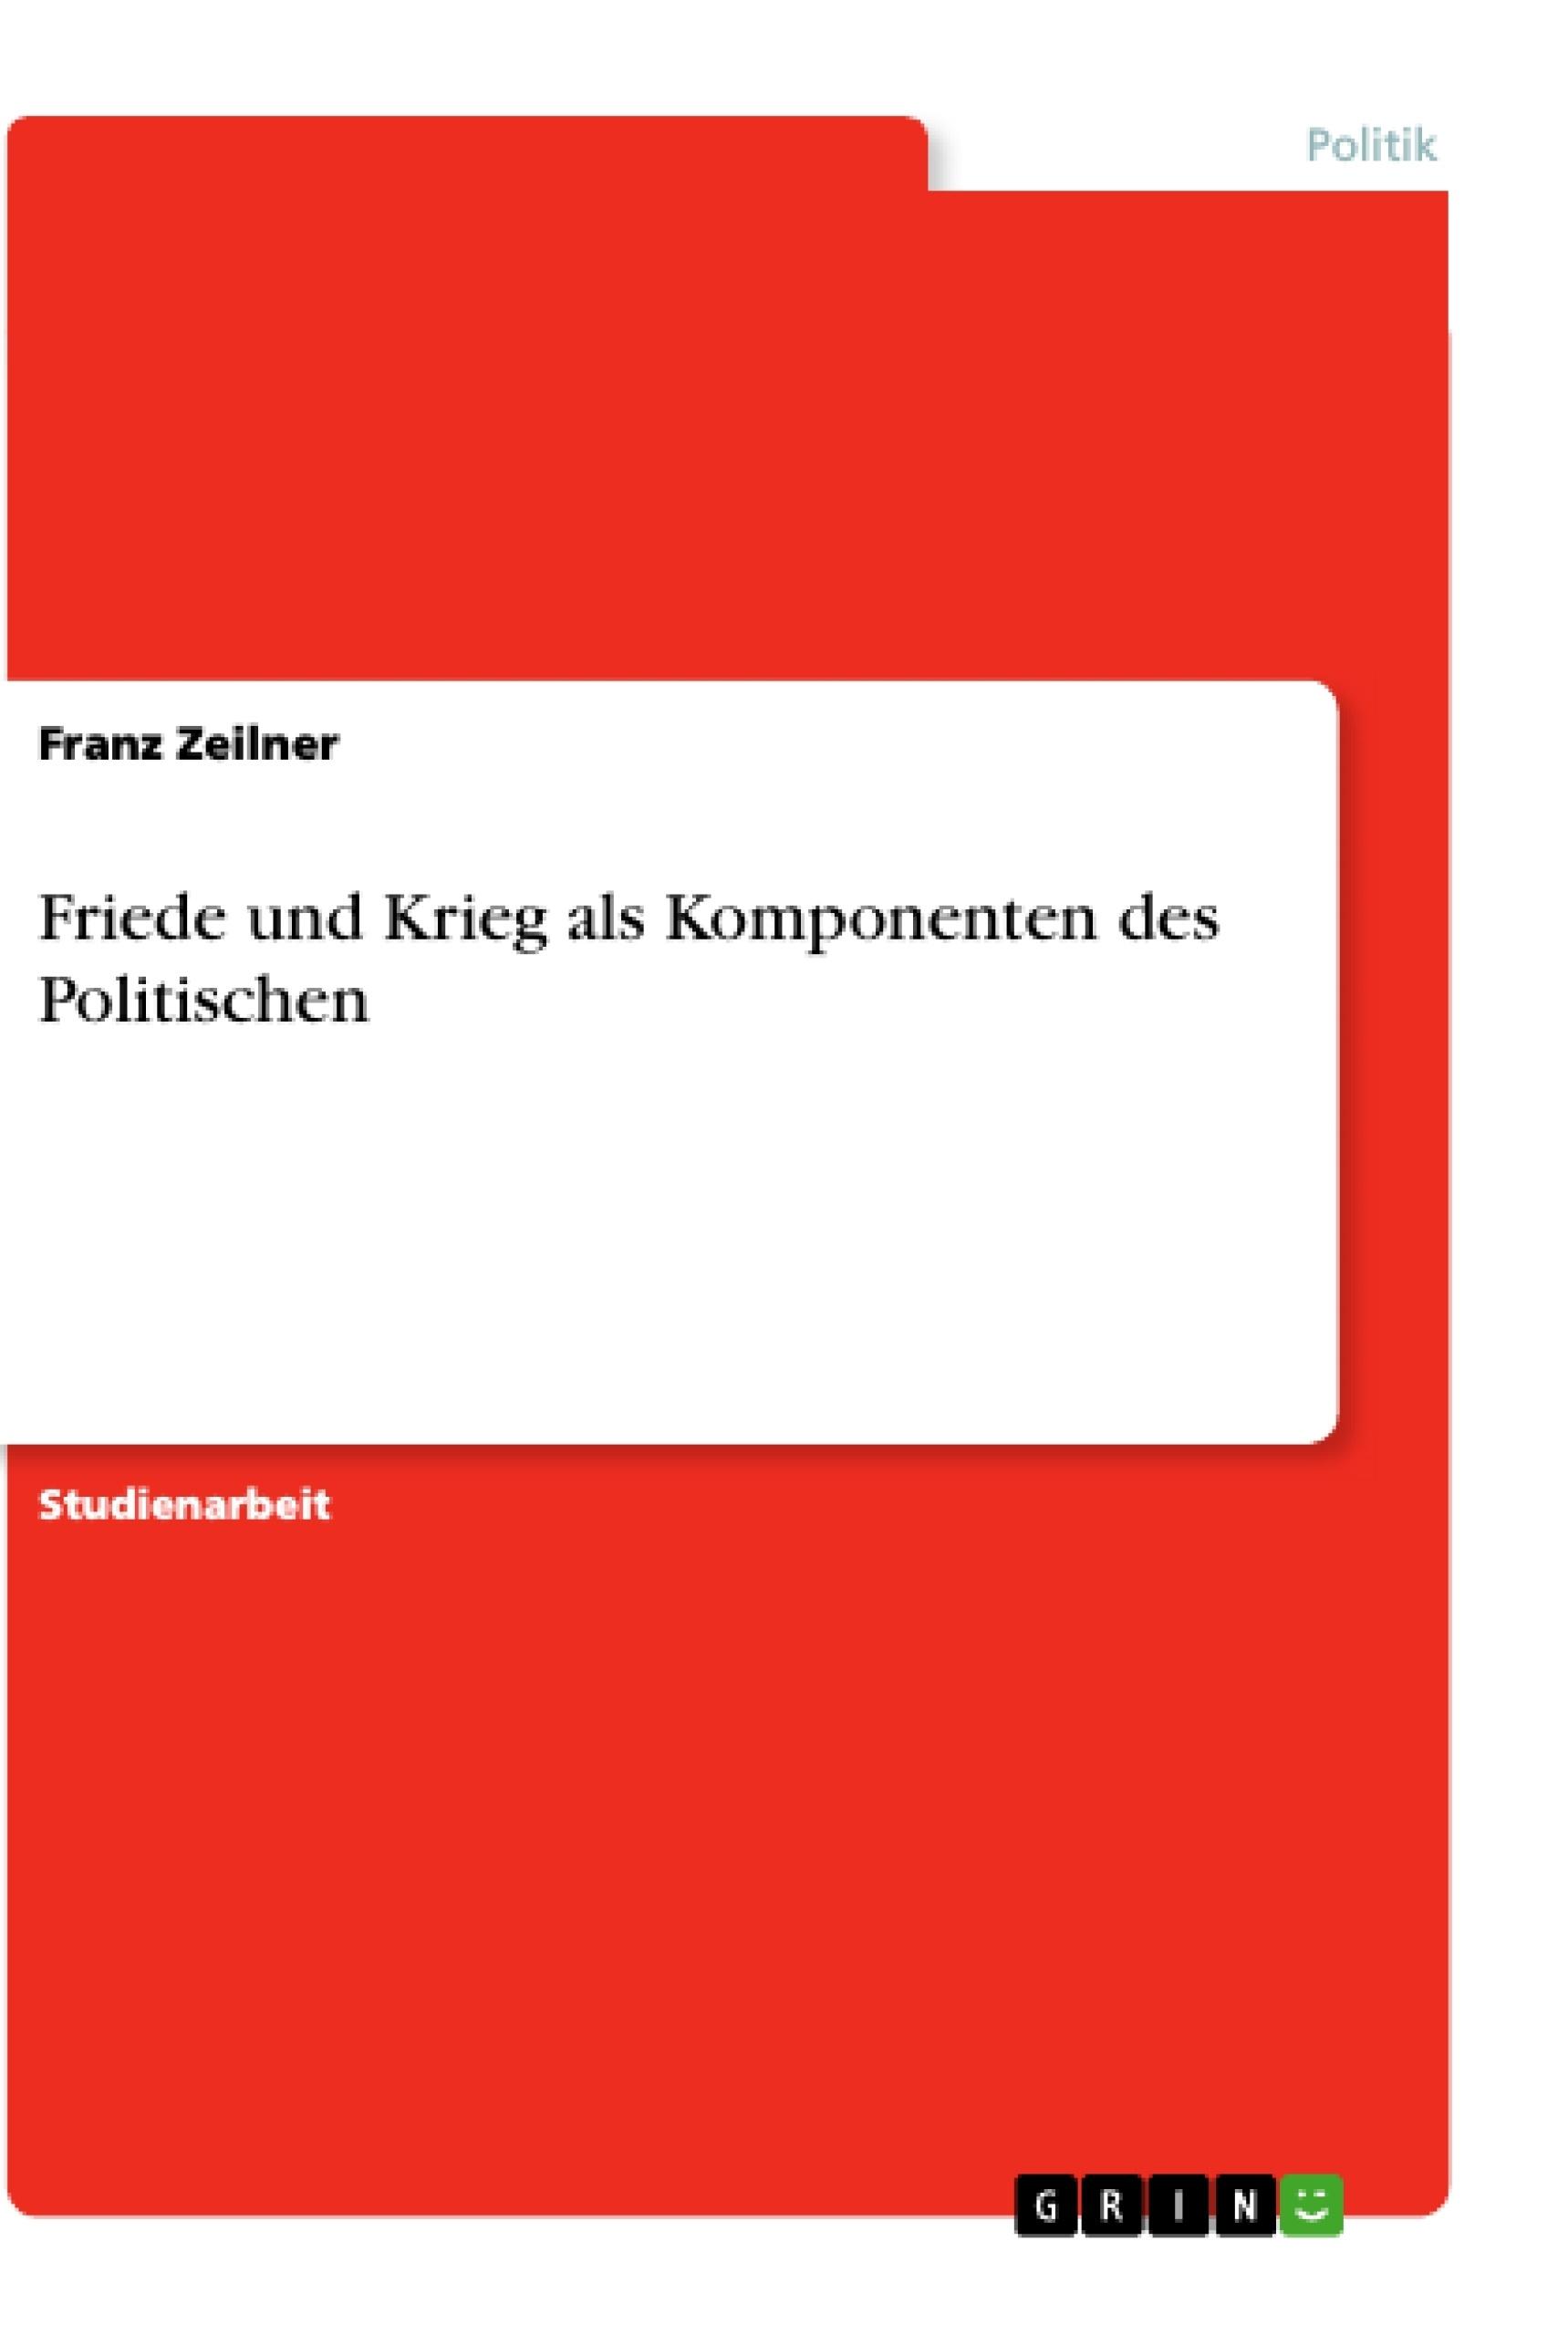 Titel: Friede und Krieg als Komponenten des Politischen